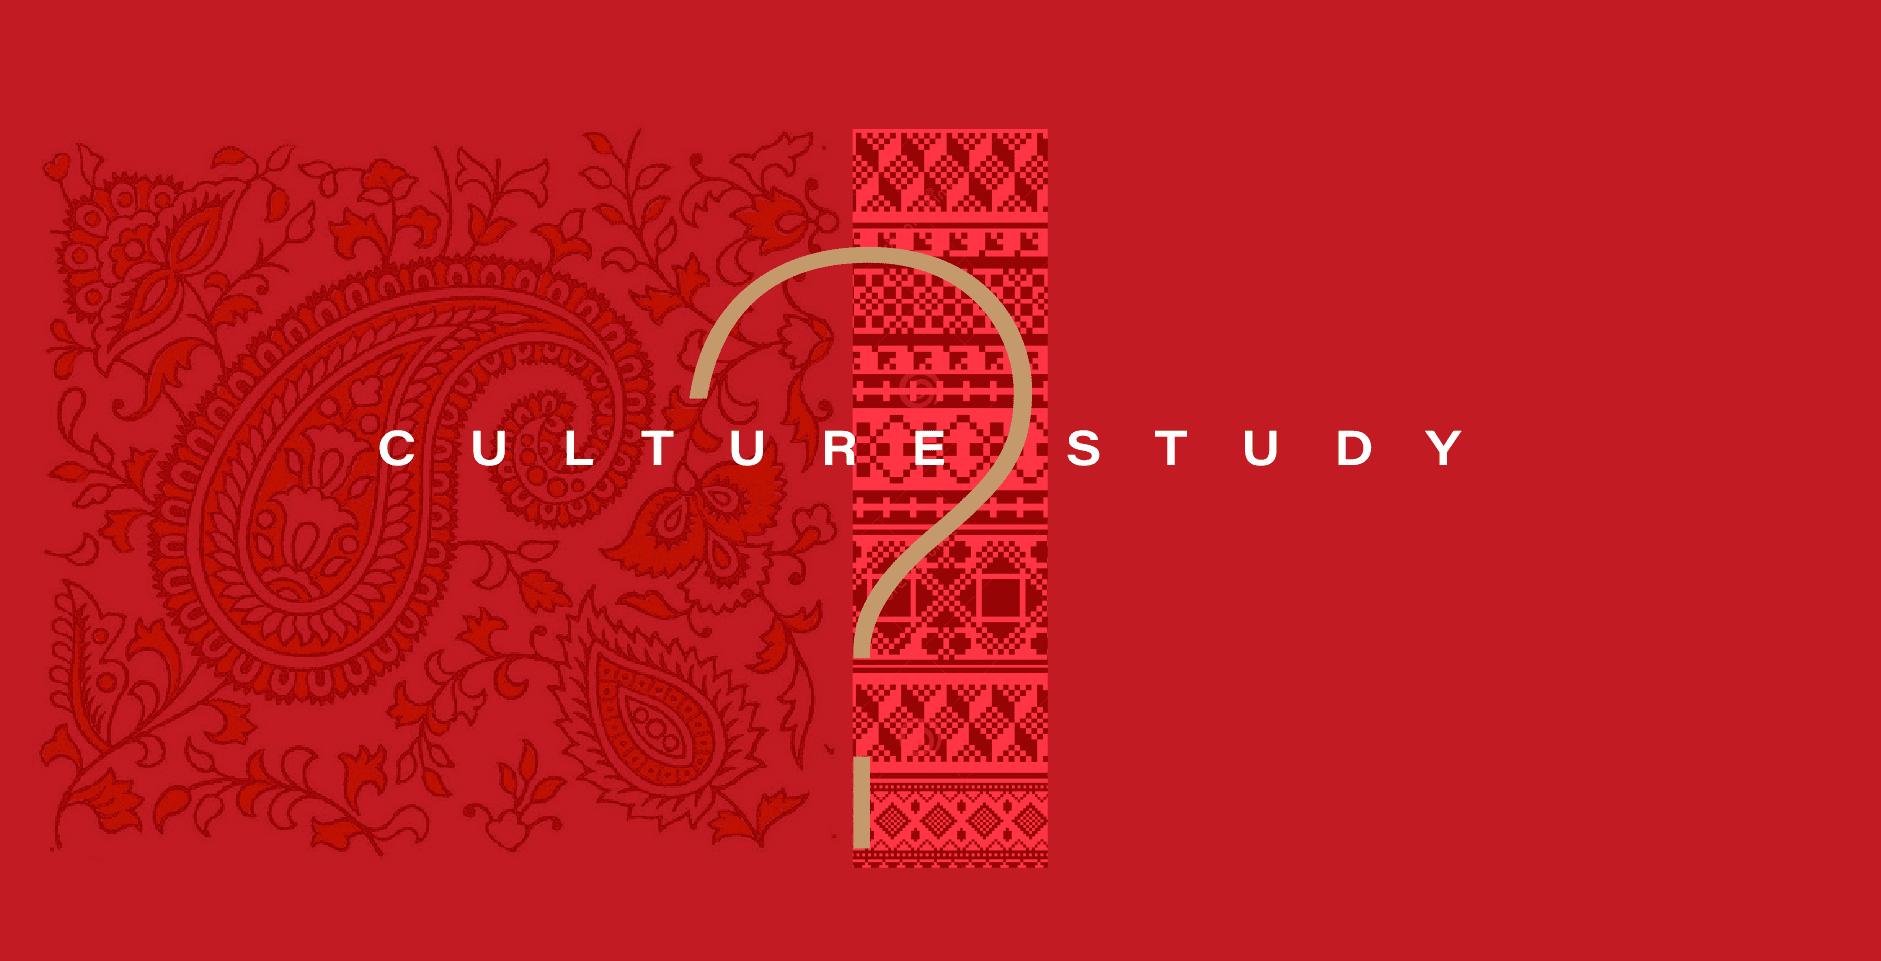 Culture Study skill/tool